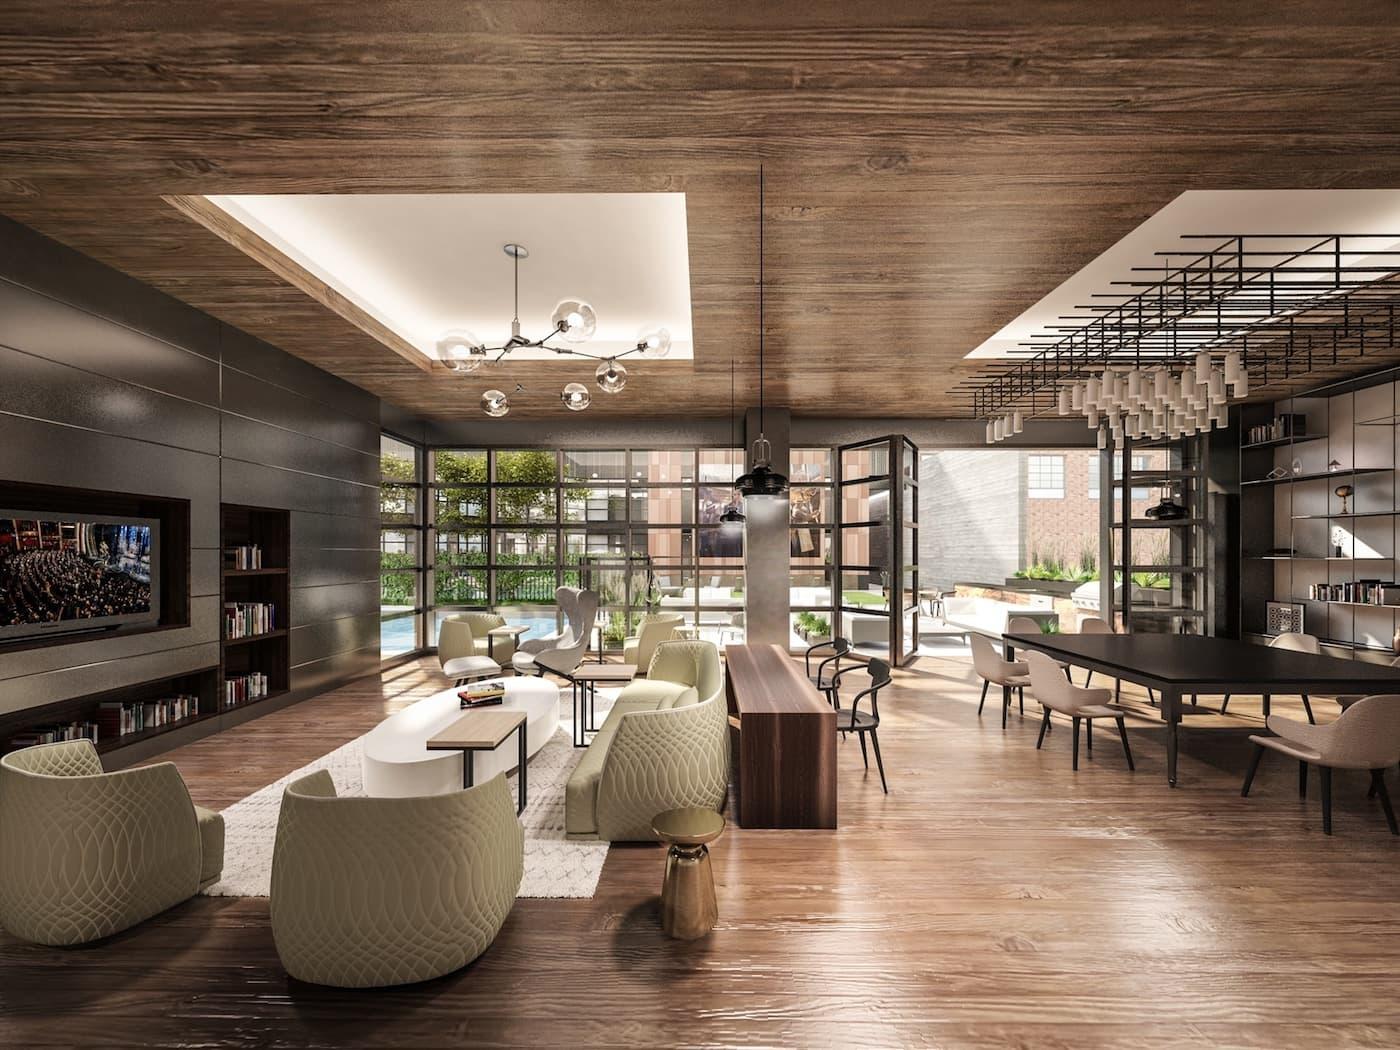 LIC luxury apartments